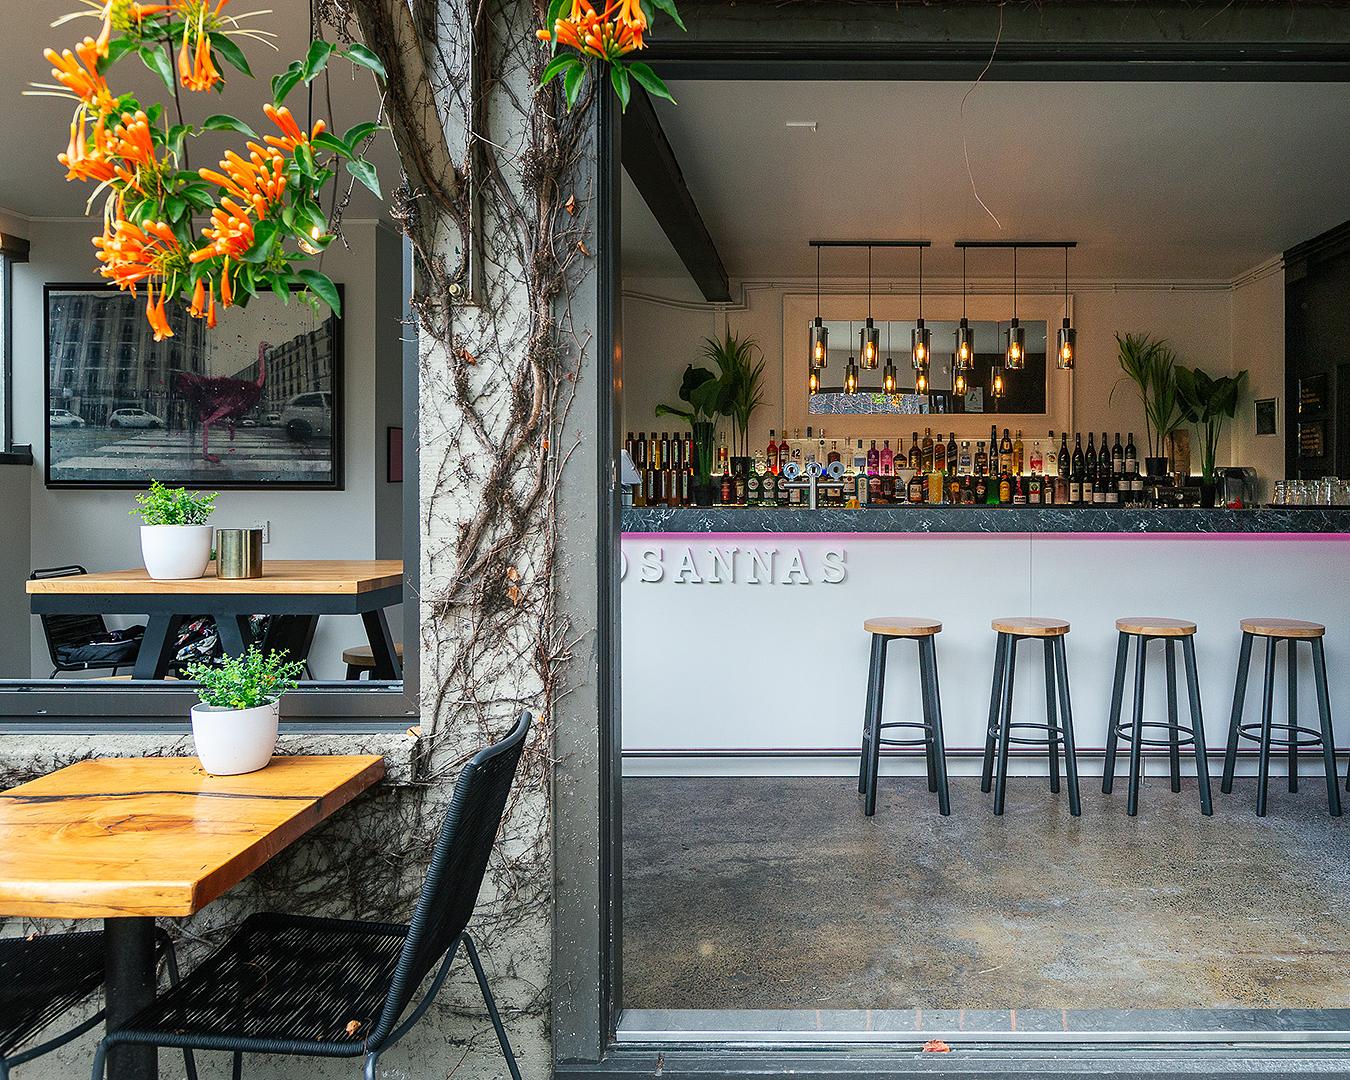 The interior at Rosanna's garden bar.